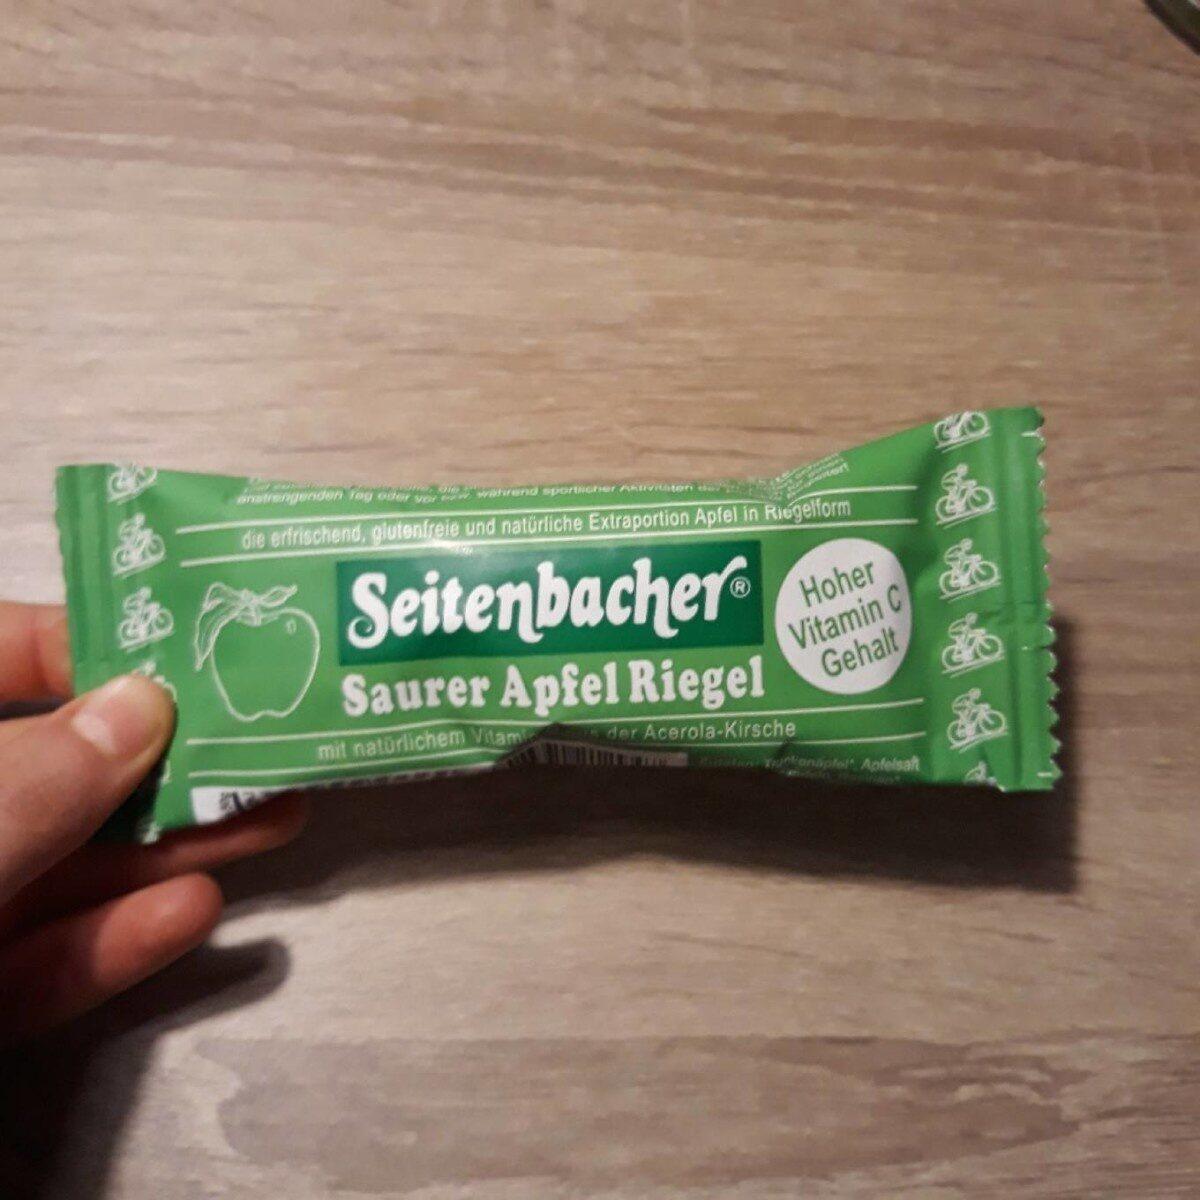 Saurer Apfel Riegel - Prodotto - en